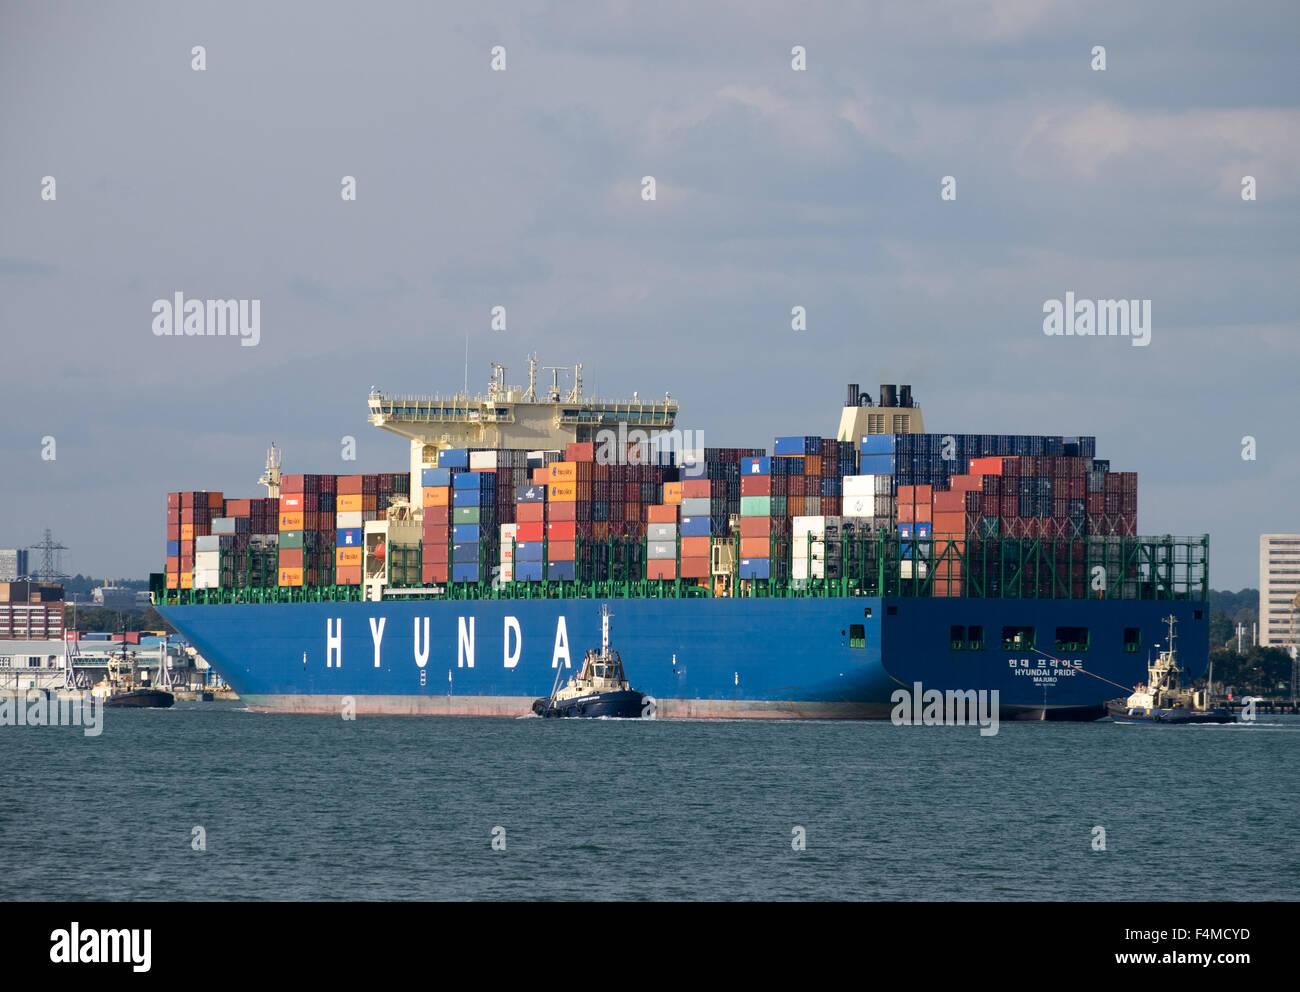 Hyundai orgoglio di portacontainer arrivando a Southampton Docks contenitore porta Immagini Stock